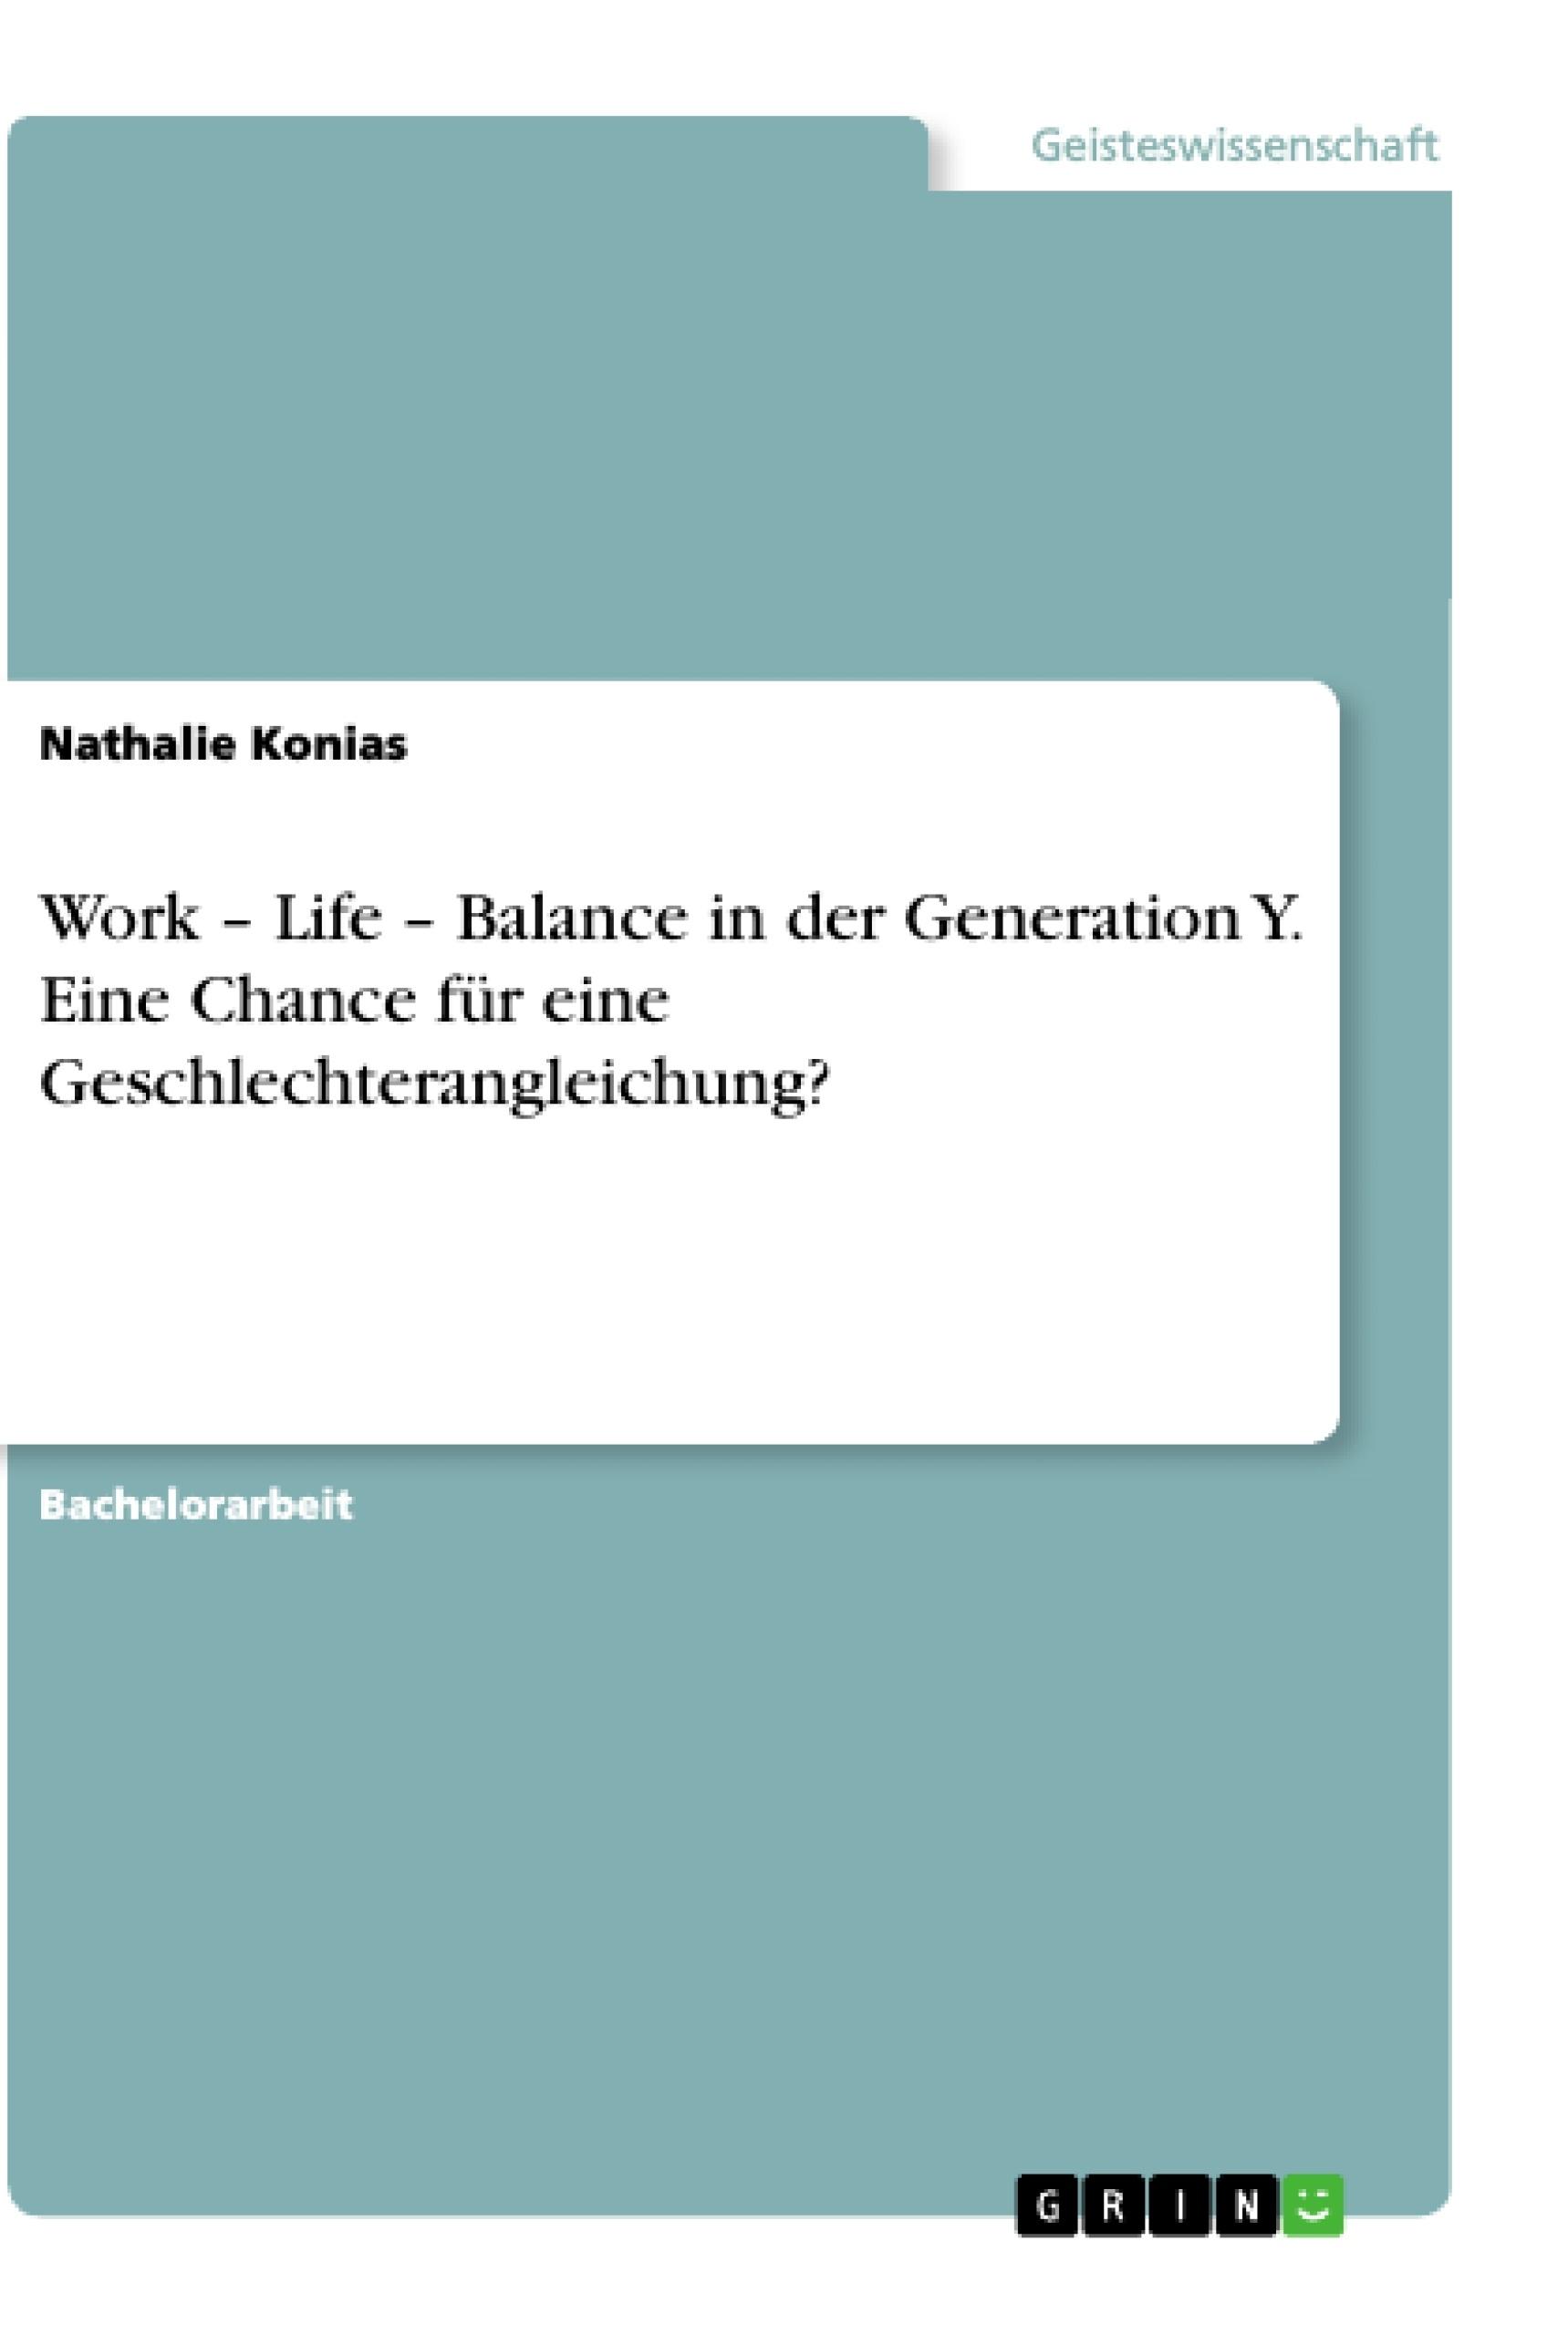 Titel: Work – Life – Balance in der Generation Y. Eine Chance für eine Geschlechterangleichung?